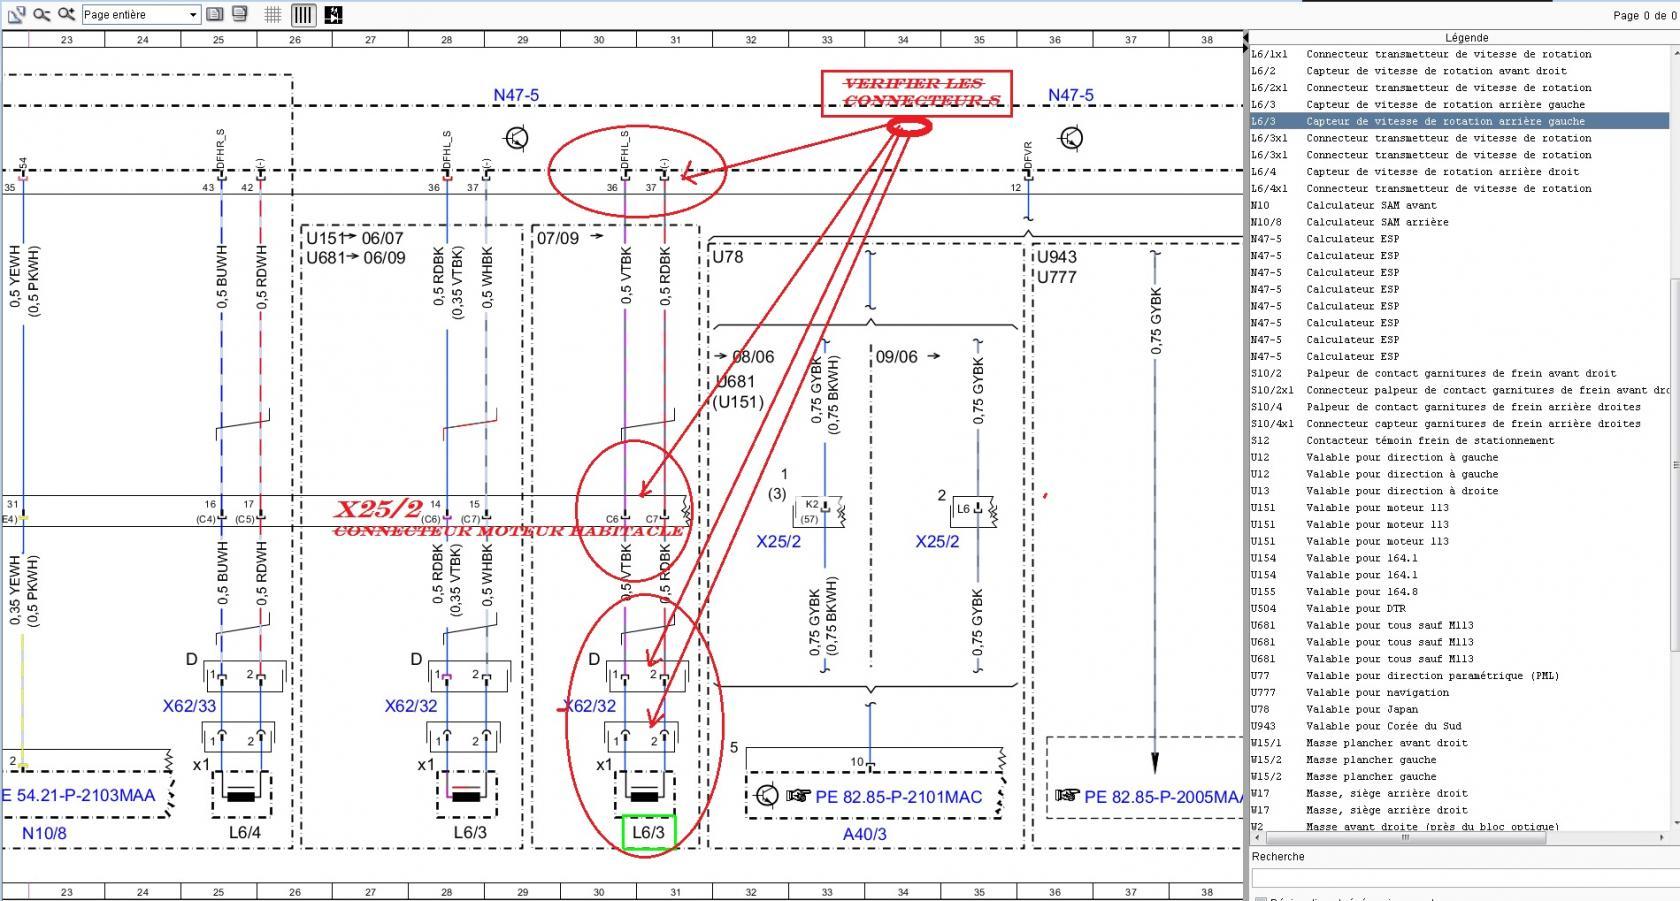 schema-electrique-capteur-arriere-Wdc1641221A177051.jpeg